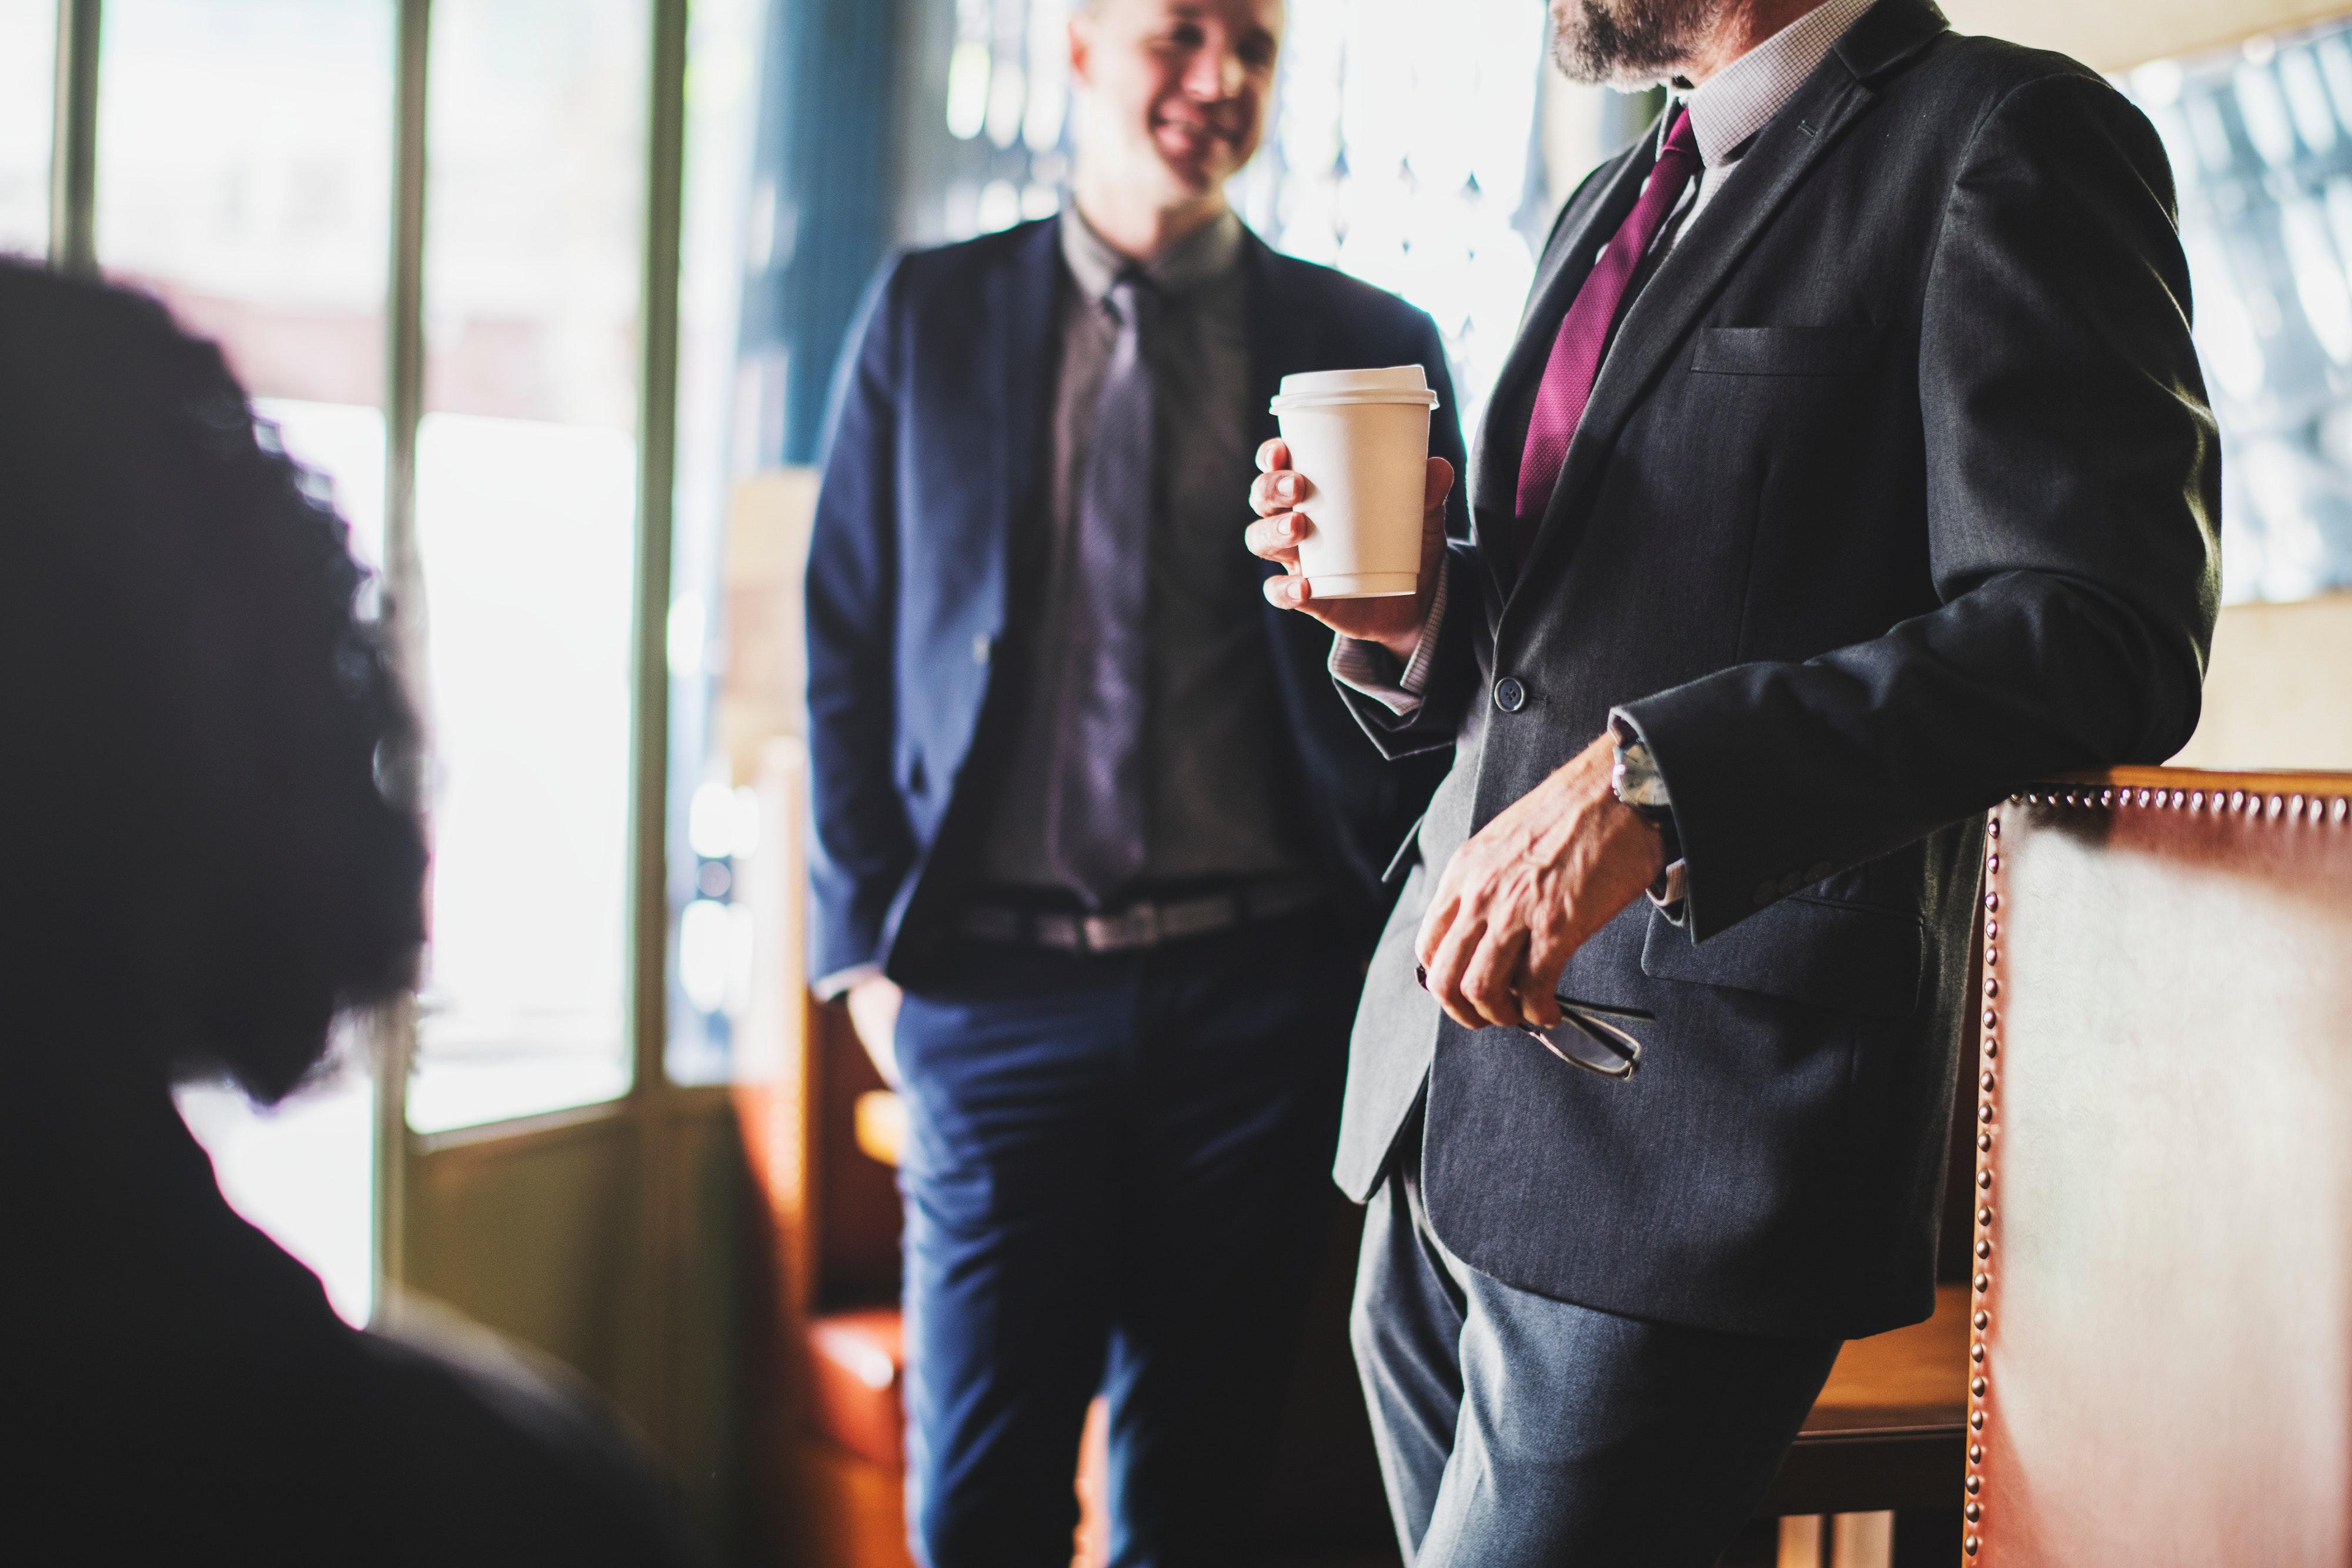 35歳以上で転職に成功する人の特徴3選